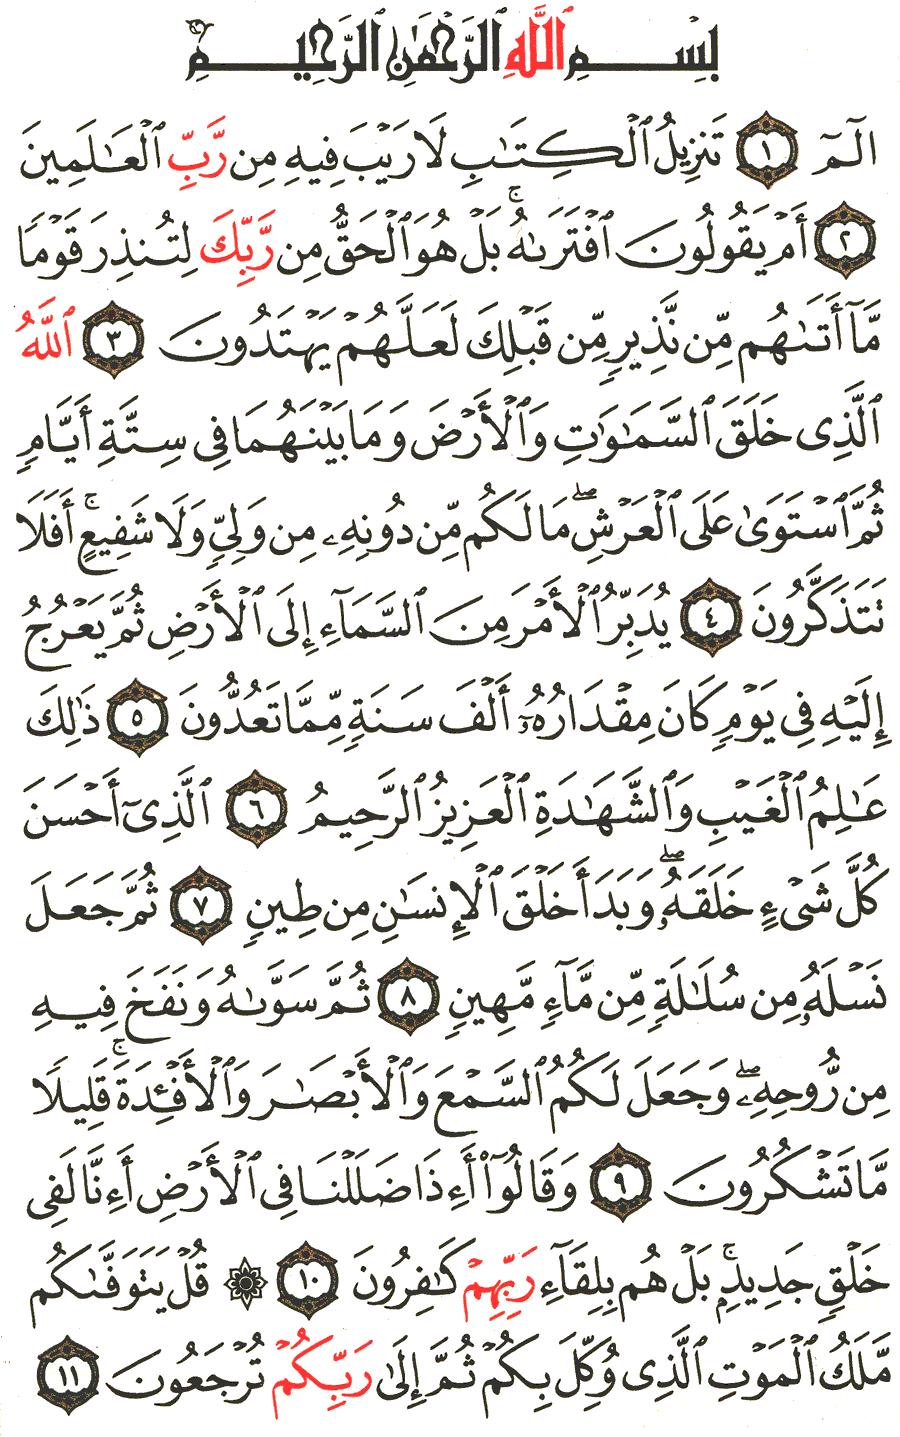 الصفحة رقم 415 من القرآن الكريم مكتوبة من المصحف